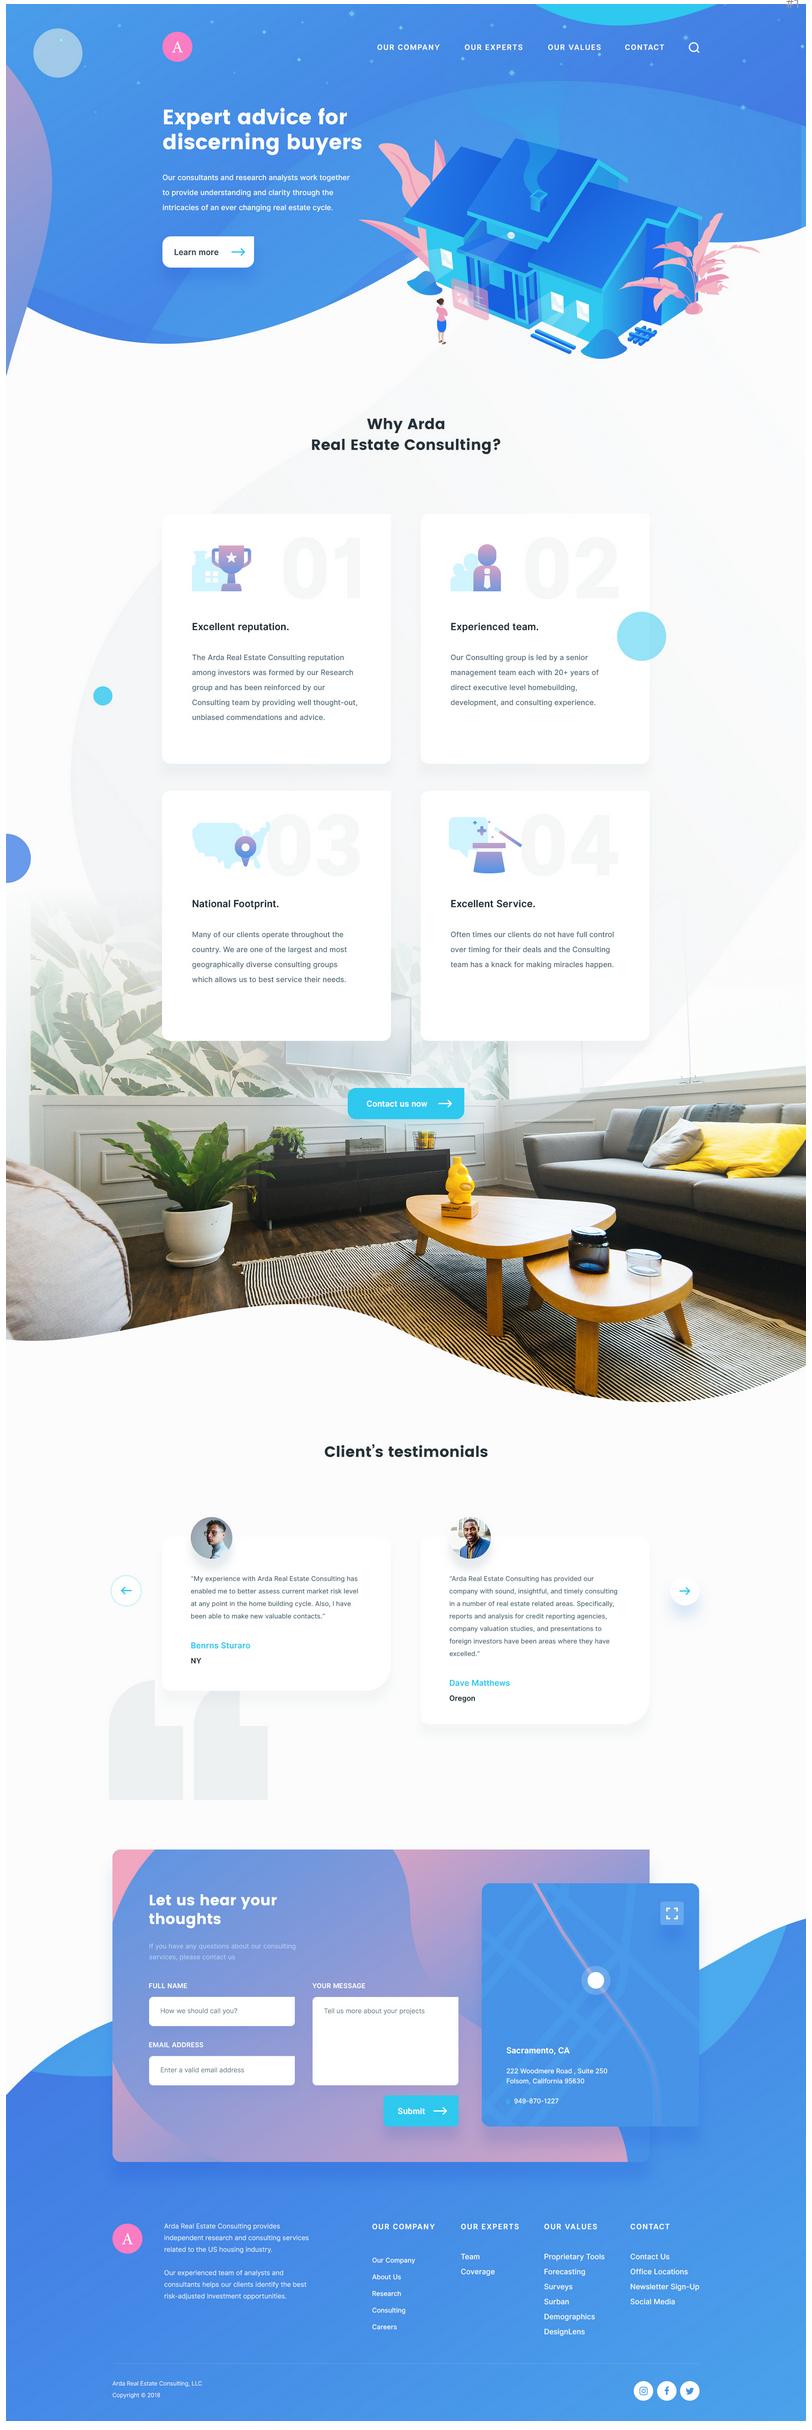 Bộ PSD thiết kế Landing Page đơn giản cho website bất động sản Bộ PSD thiết kế Landing Page đơn giản cho website bất động sản